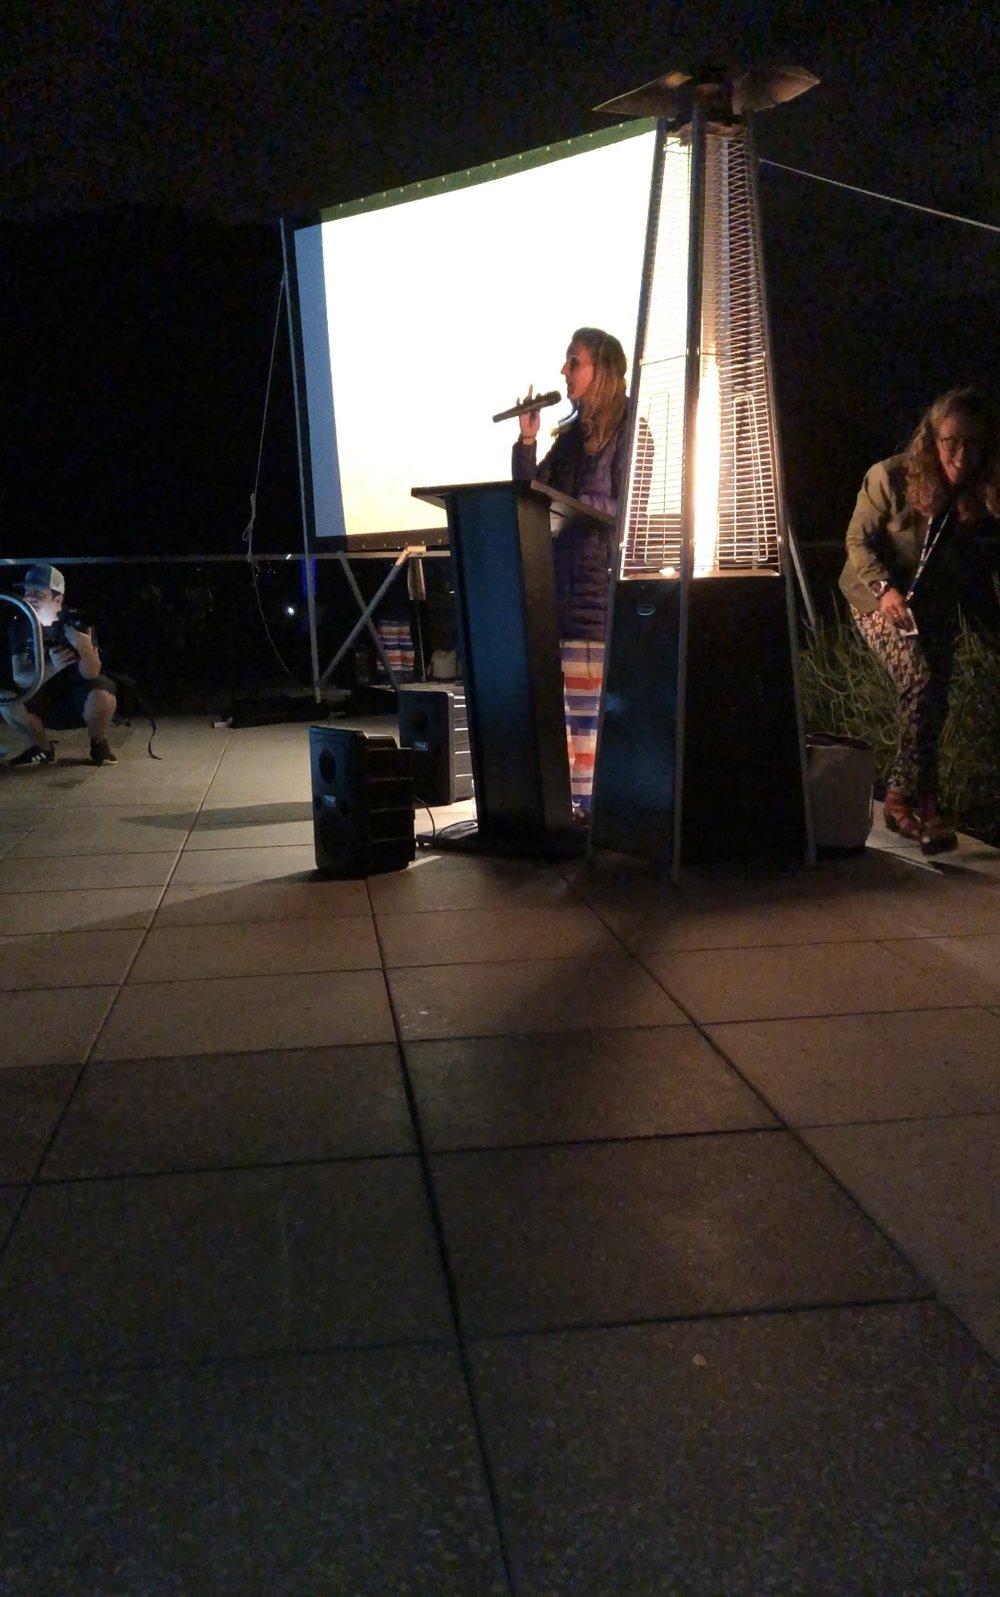 Meredith Kessler inspiring us all on Friday night.